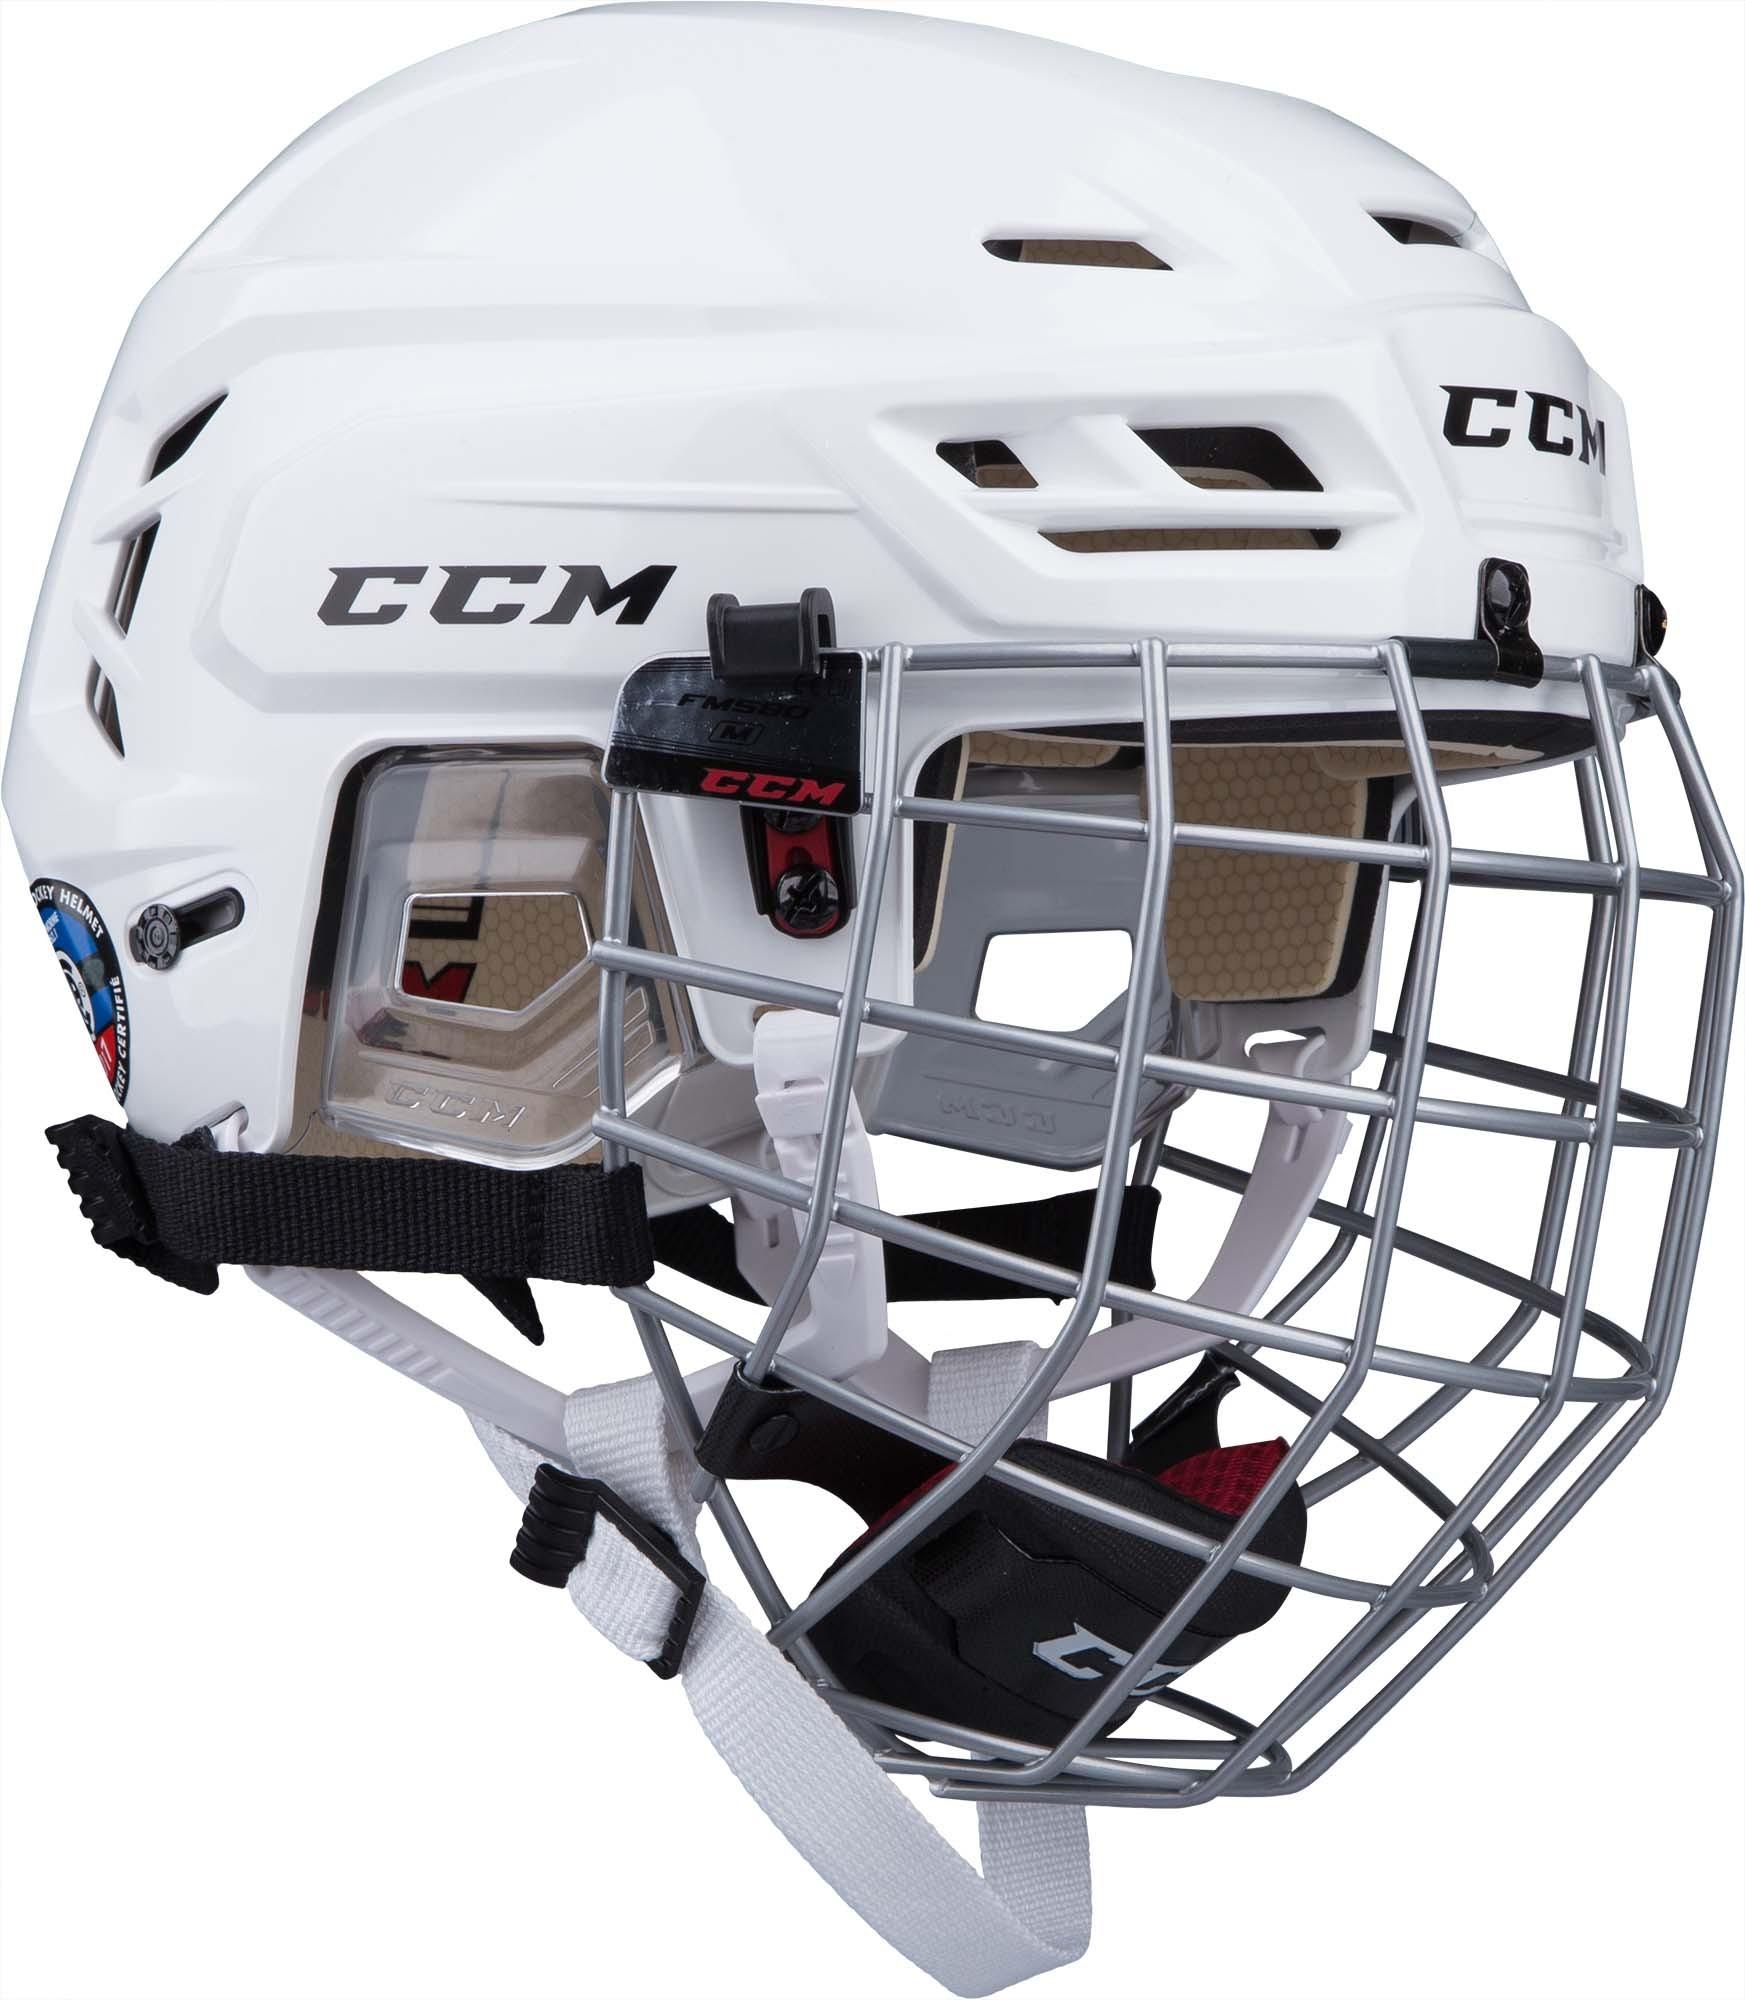 CCM Tacks 110 Hockey Helmet Combo